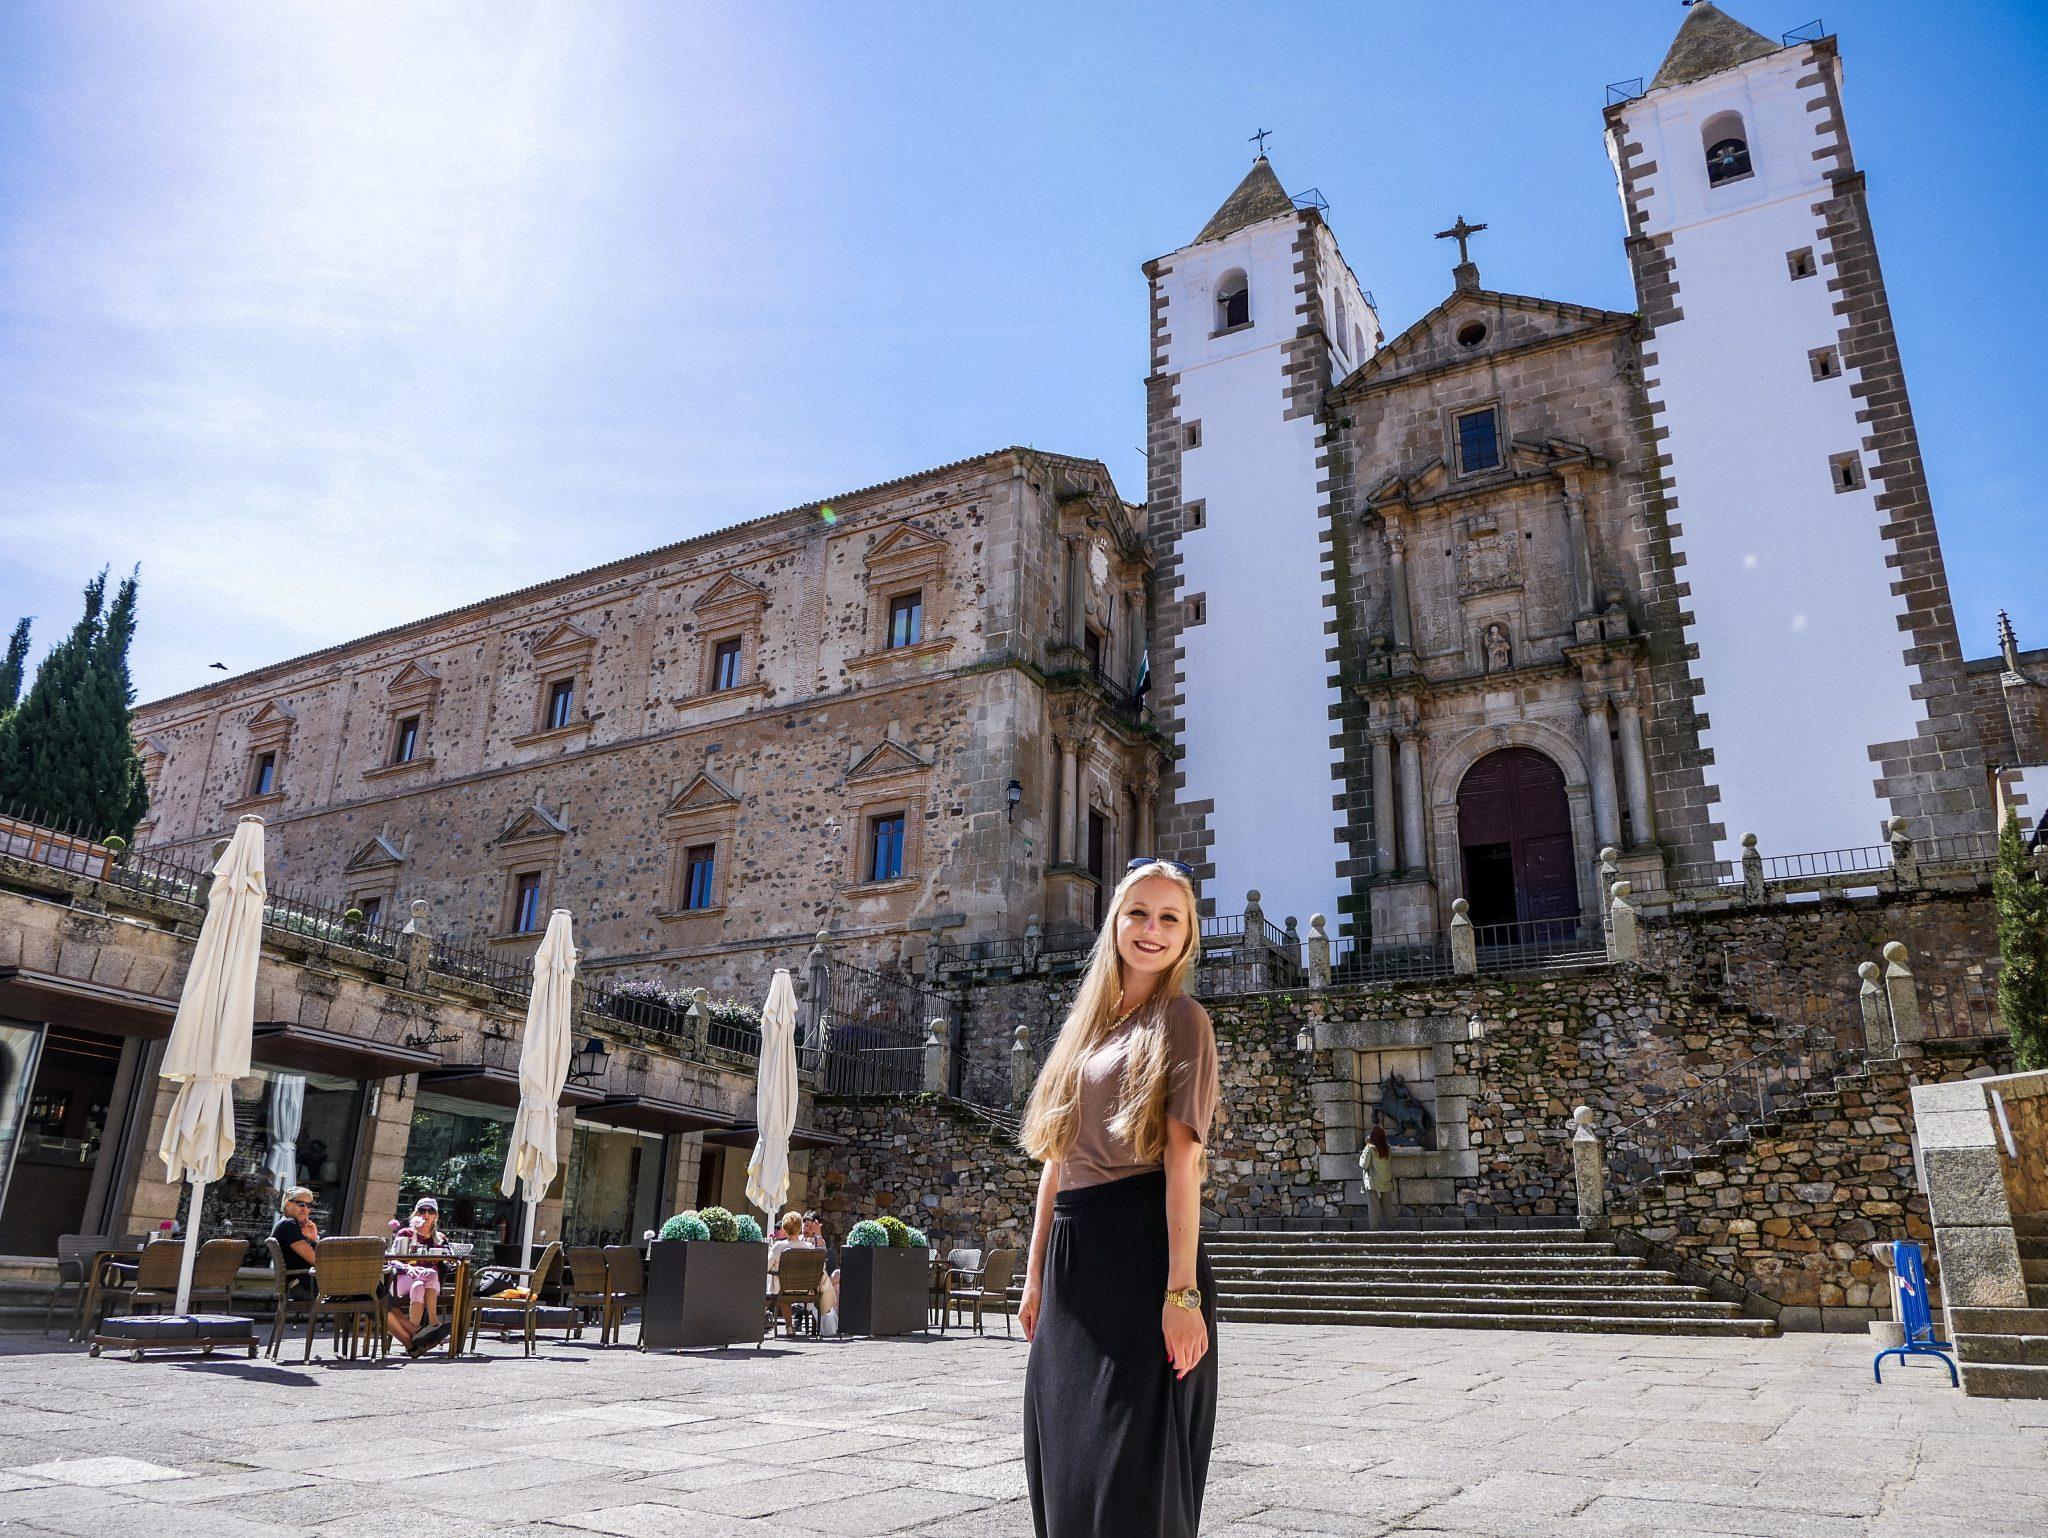 Auf dem Platz vor der Iglesia de San Francisco Javier in Cáceres hast du eine tolle Aussicht auf die Kirche.